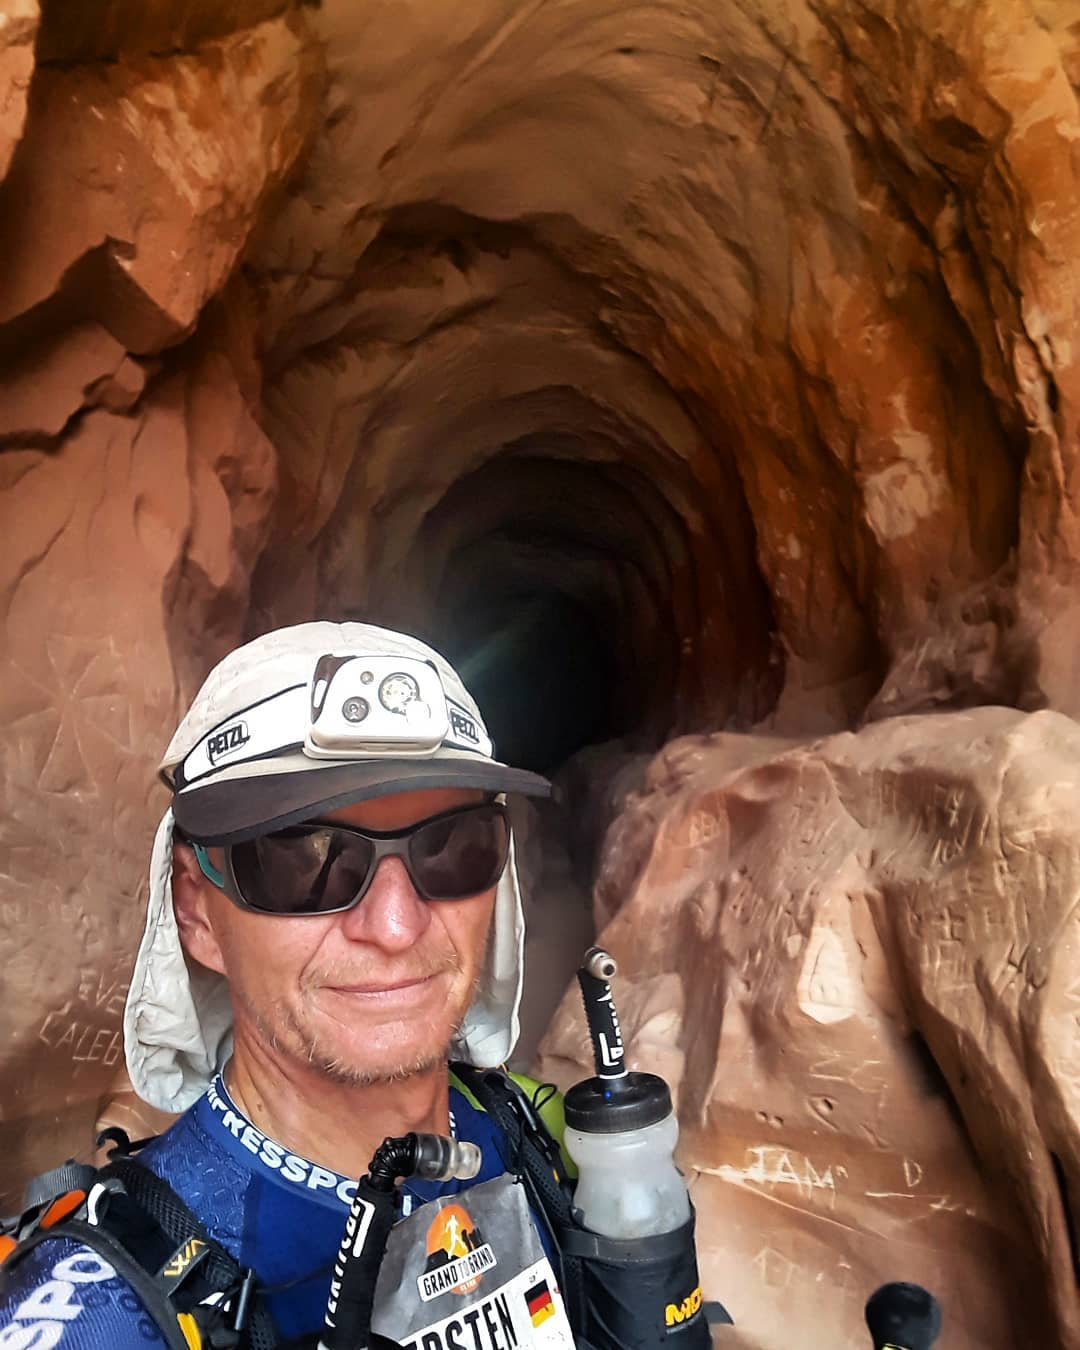 26.09.2019: Heute war auch der letzte im Tunnel ... stage 4 ... traumhafte Felsformationen auf 44 Kilometern. Warm wars nicht wirklich. 31°C sagte mir der kleine Sensor am Rucksack.